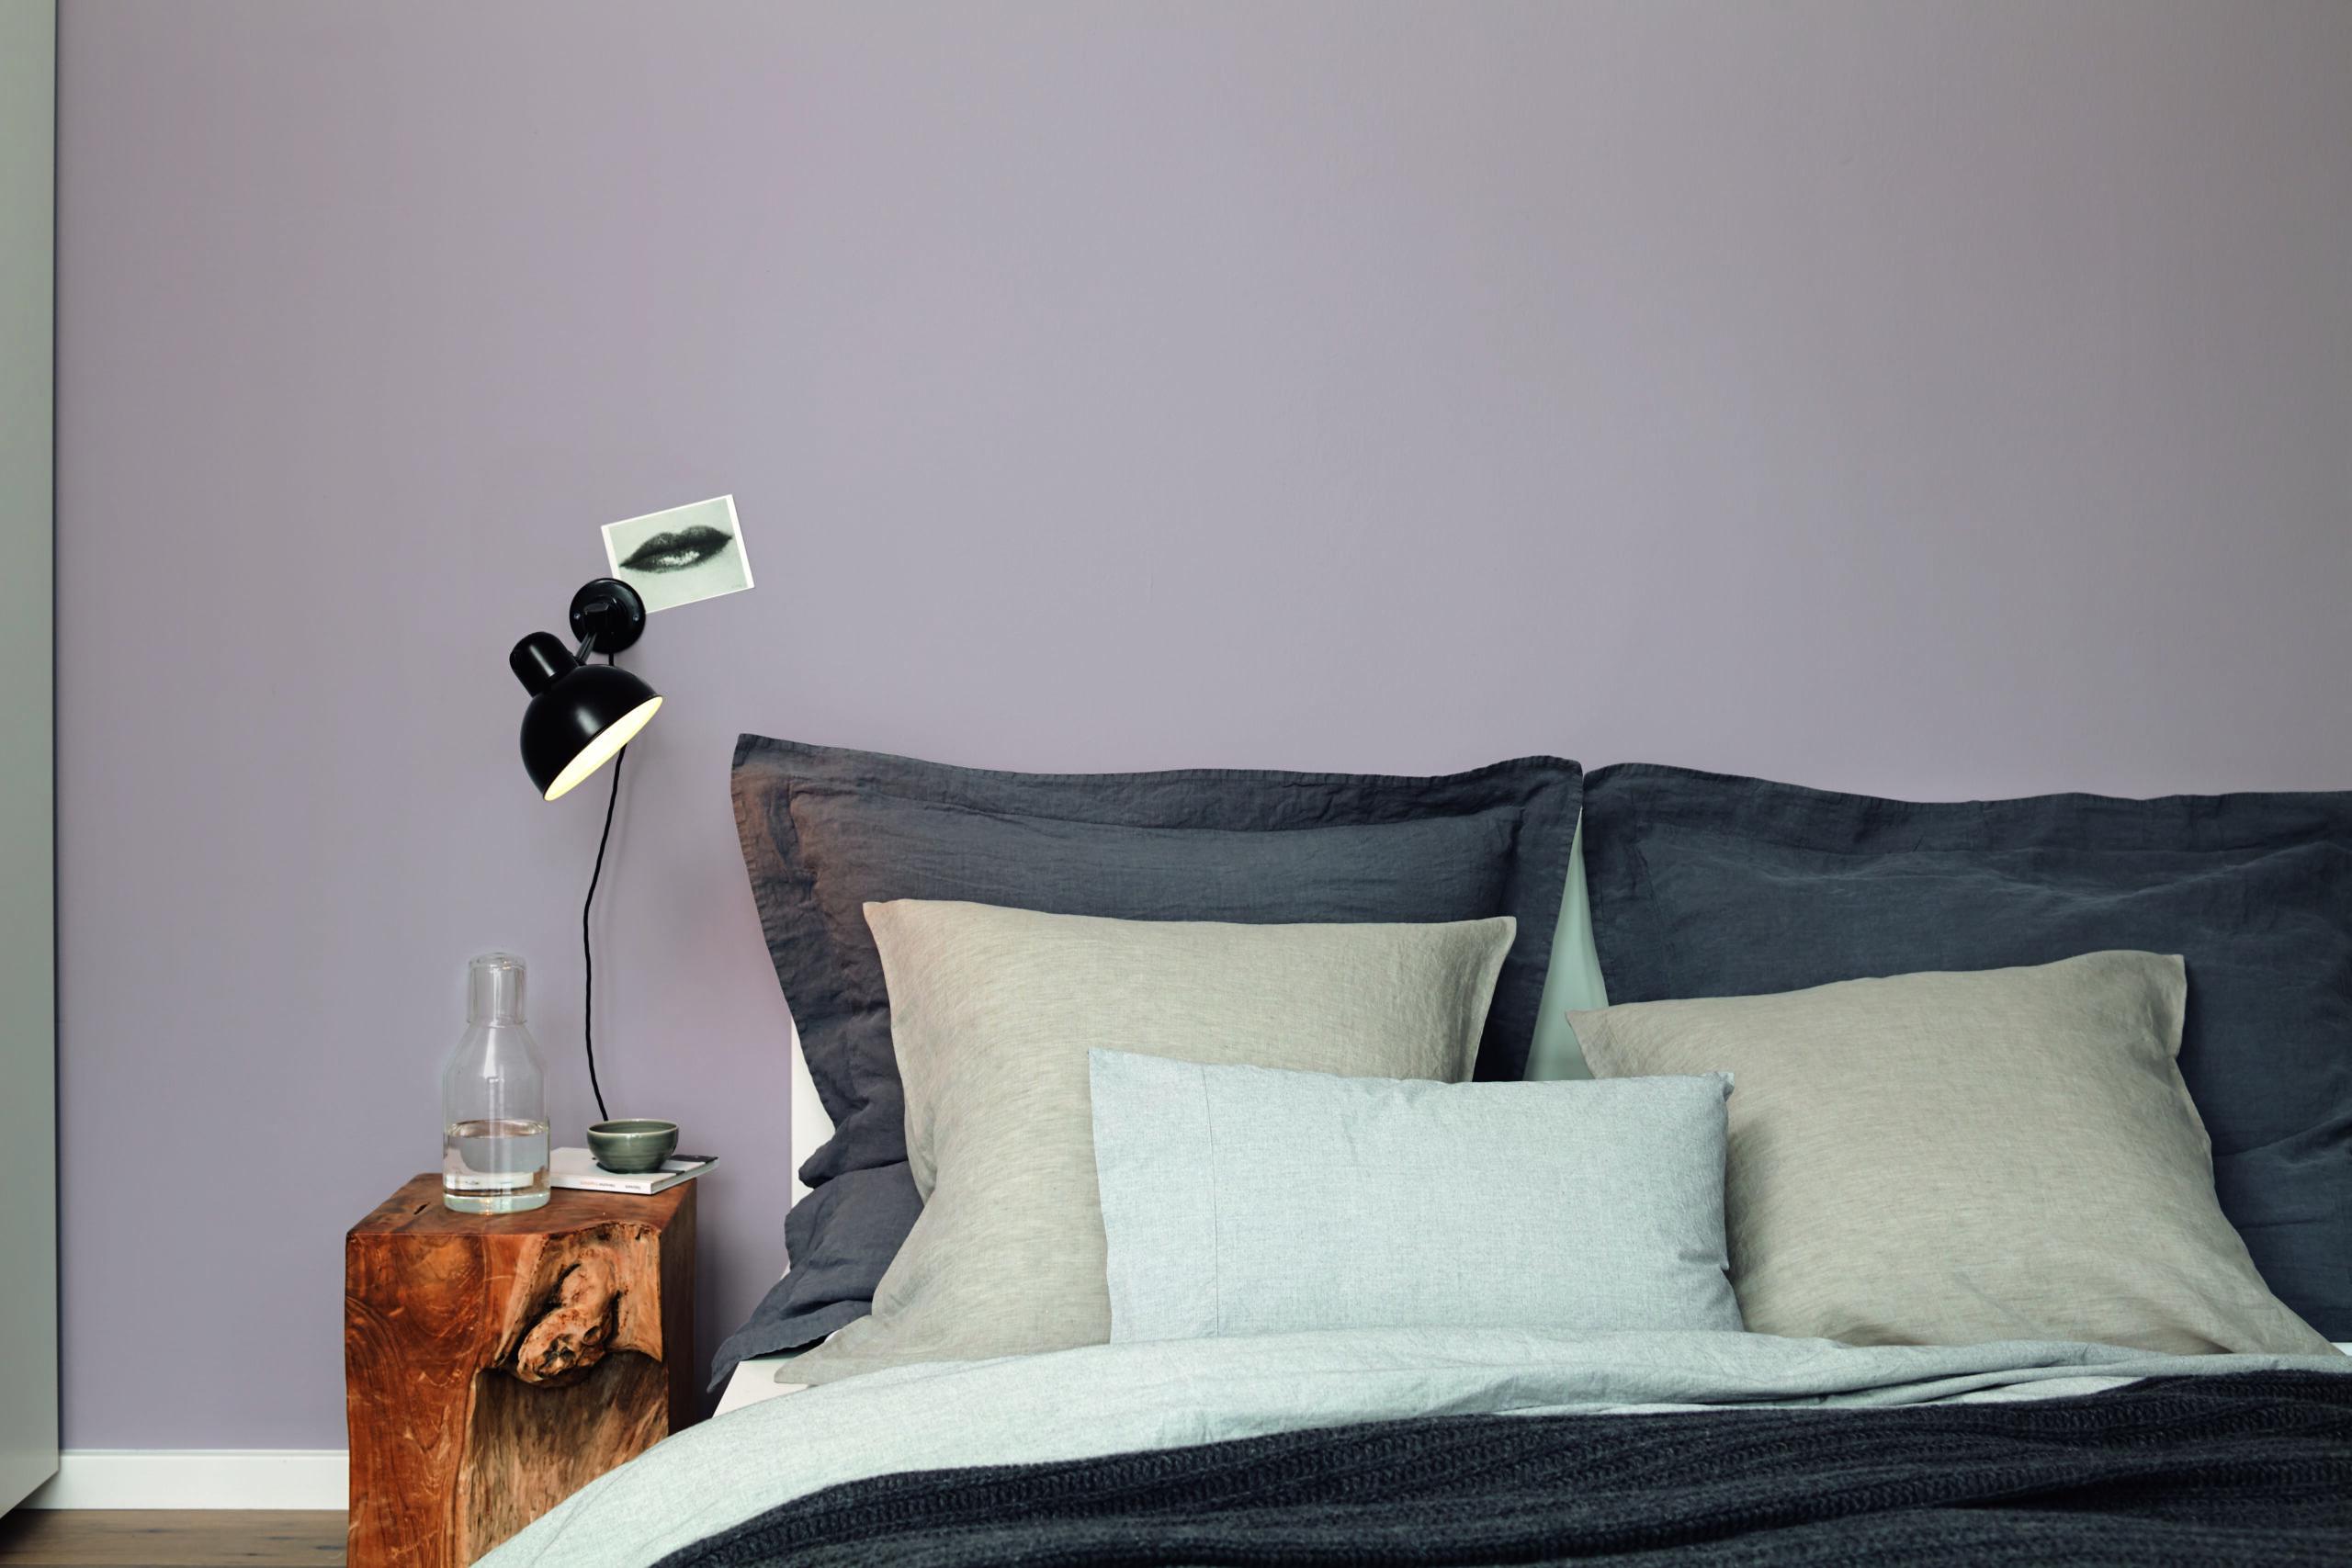 Full Size of Altrosa Schlafzimmer Trendfarbe Des Monats Fr Zuhause Vielseitiges Mauve Deckenleuchte Günstige Komplett Deckenleuchten Sessel Landhaus Komplette Massivholz Wohnzimmer Altrosa Schlafzimmer